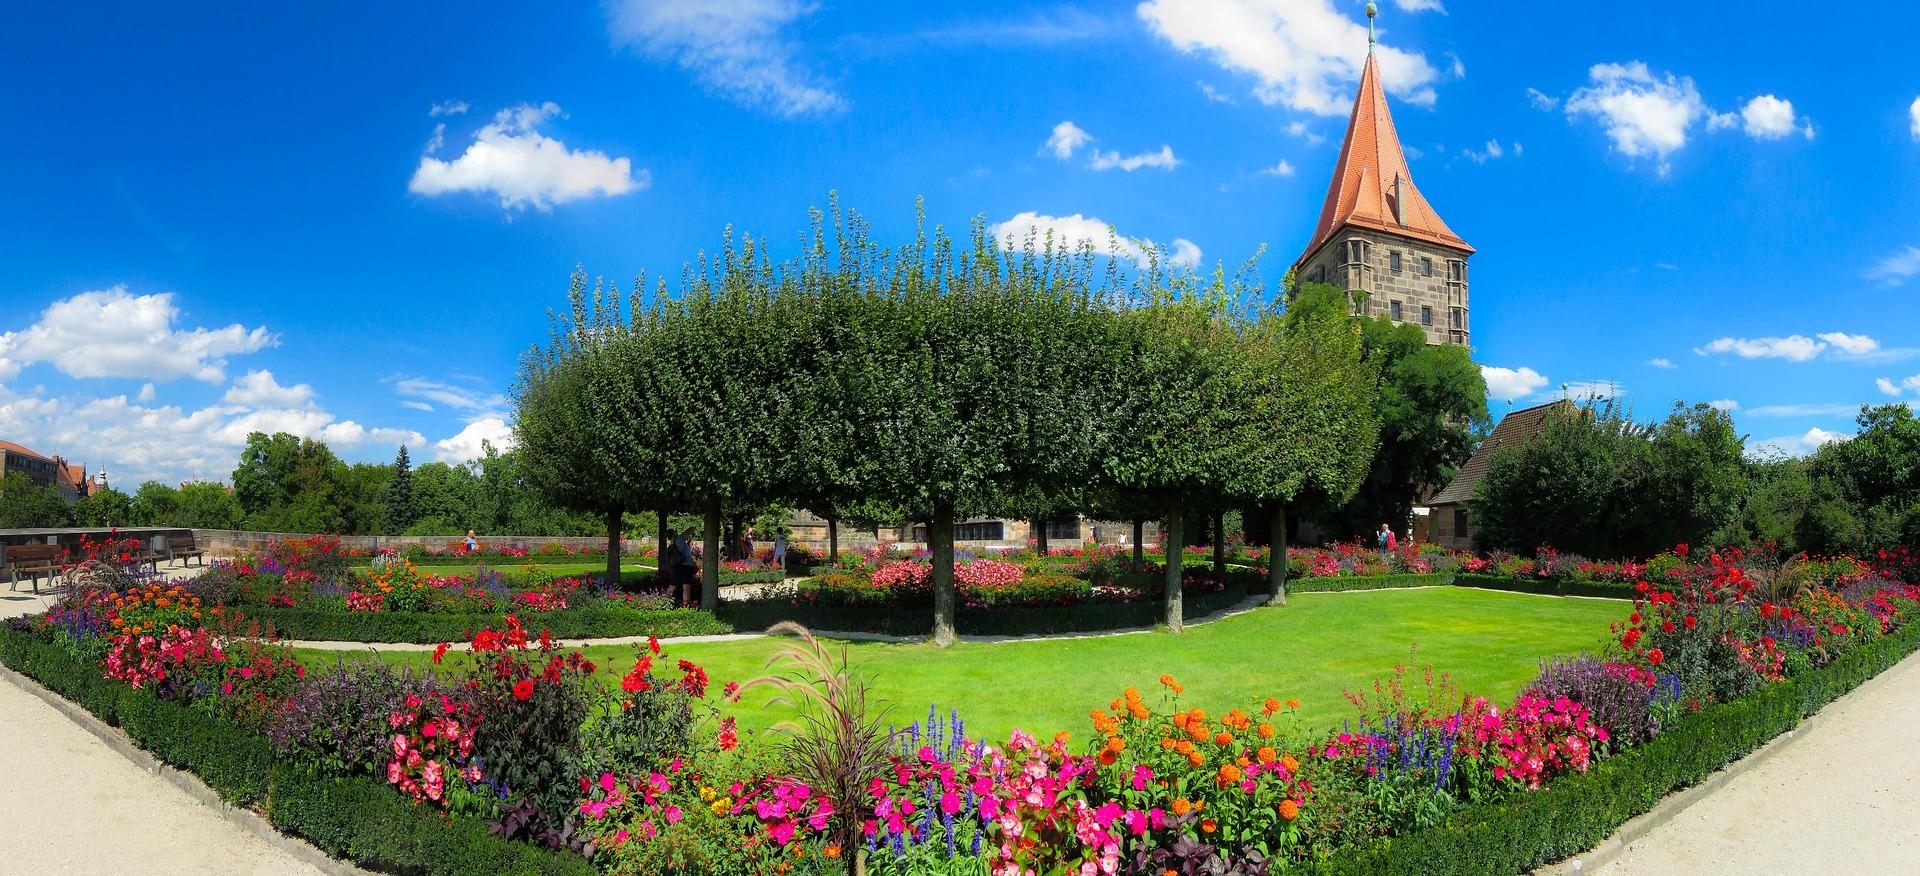 custom turf program in Leawood, Lenexa, Overland Park, Kansas City